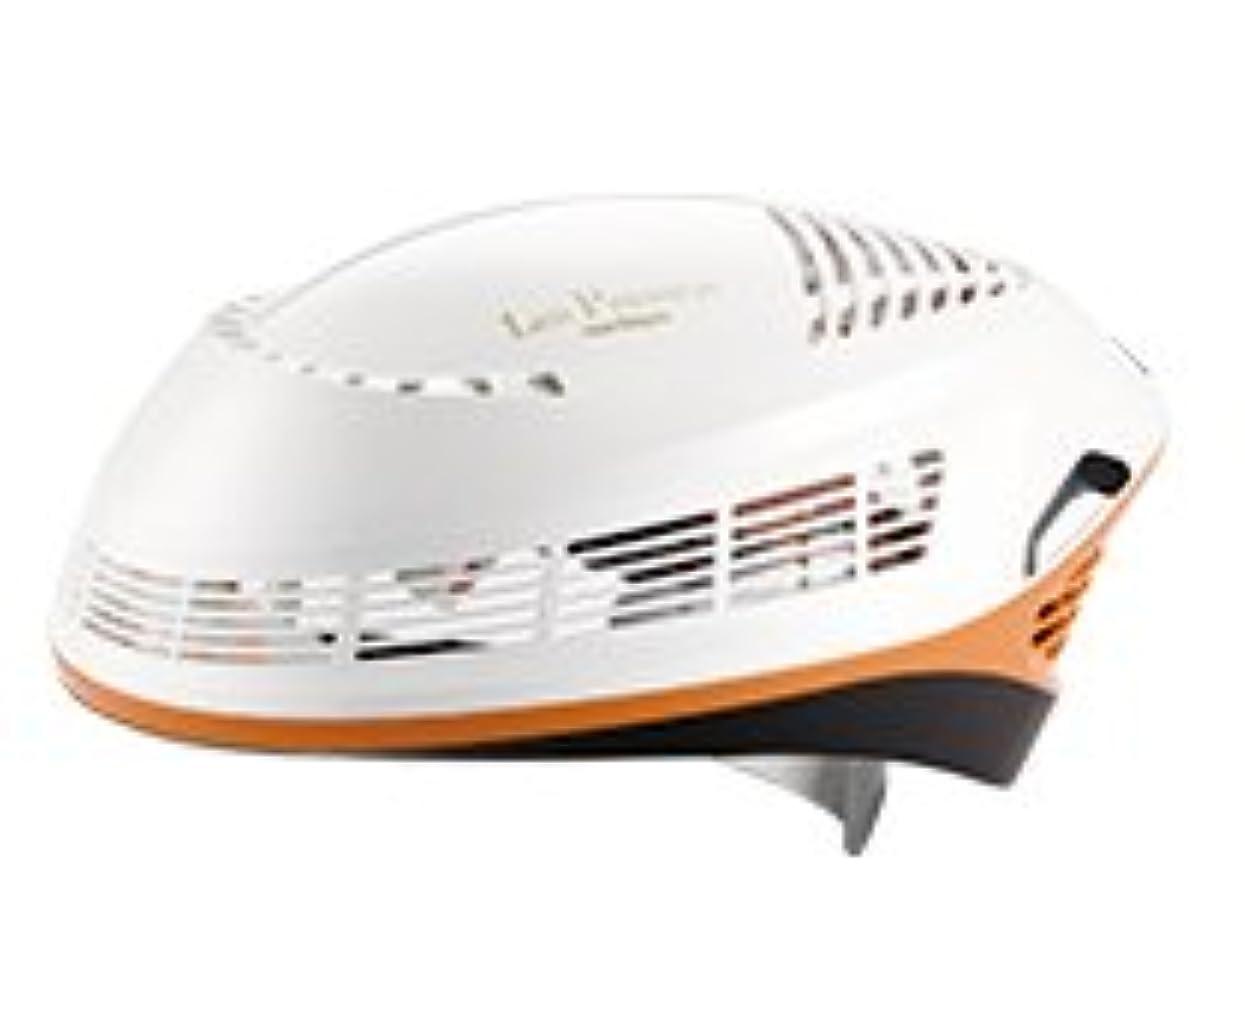 広大な空単調な【頭皮ケア用LED照射機】 へアリプロ LEDプレミアム ヘアケア 美容機器 (パールホワイト)